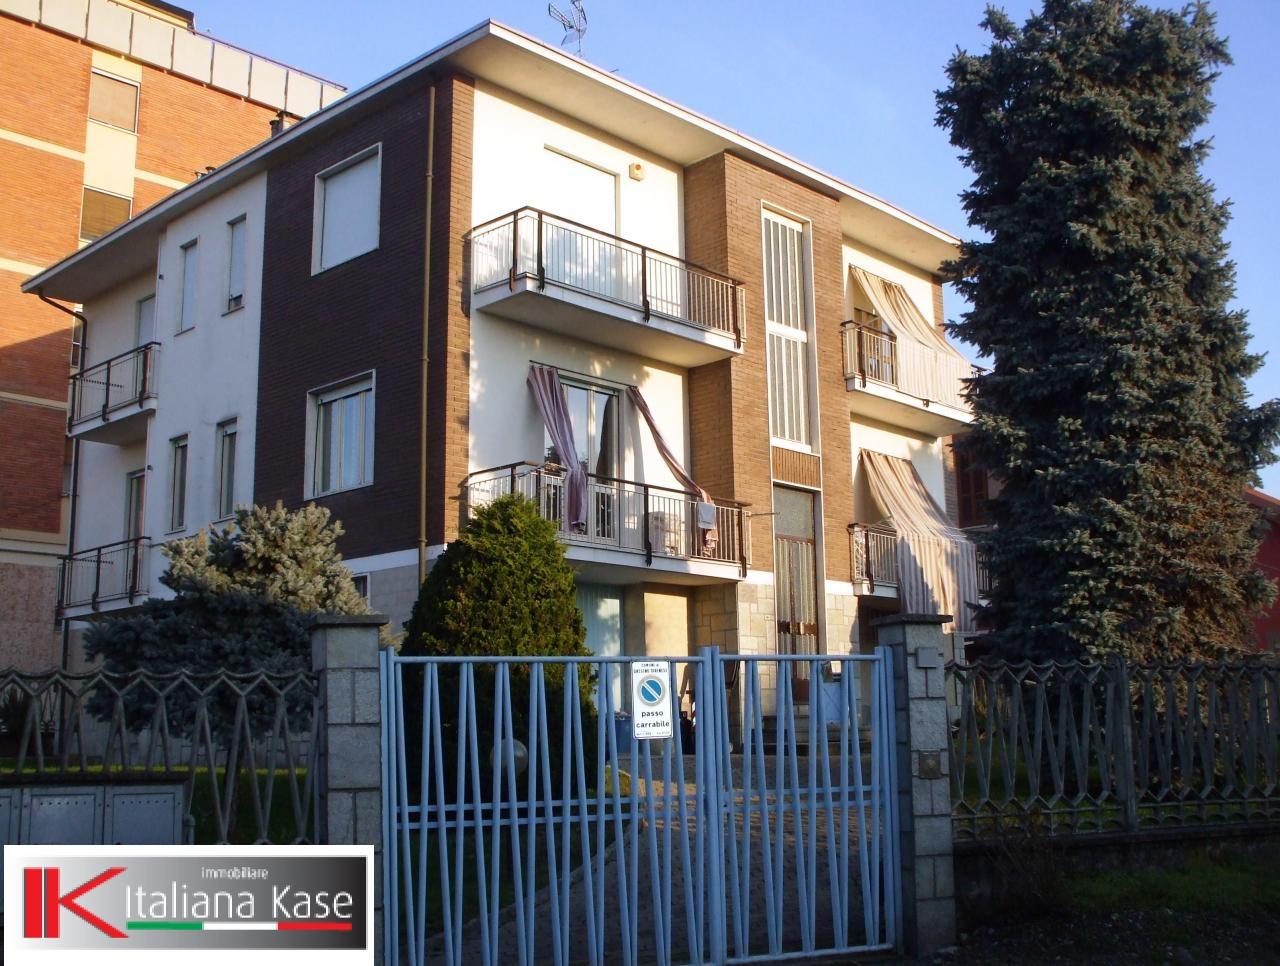 Appartamento in vendita a Gassino Torinese, 2 locali, prezzo € 62.000 | Cambio Casa.it